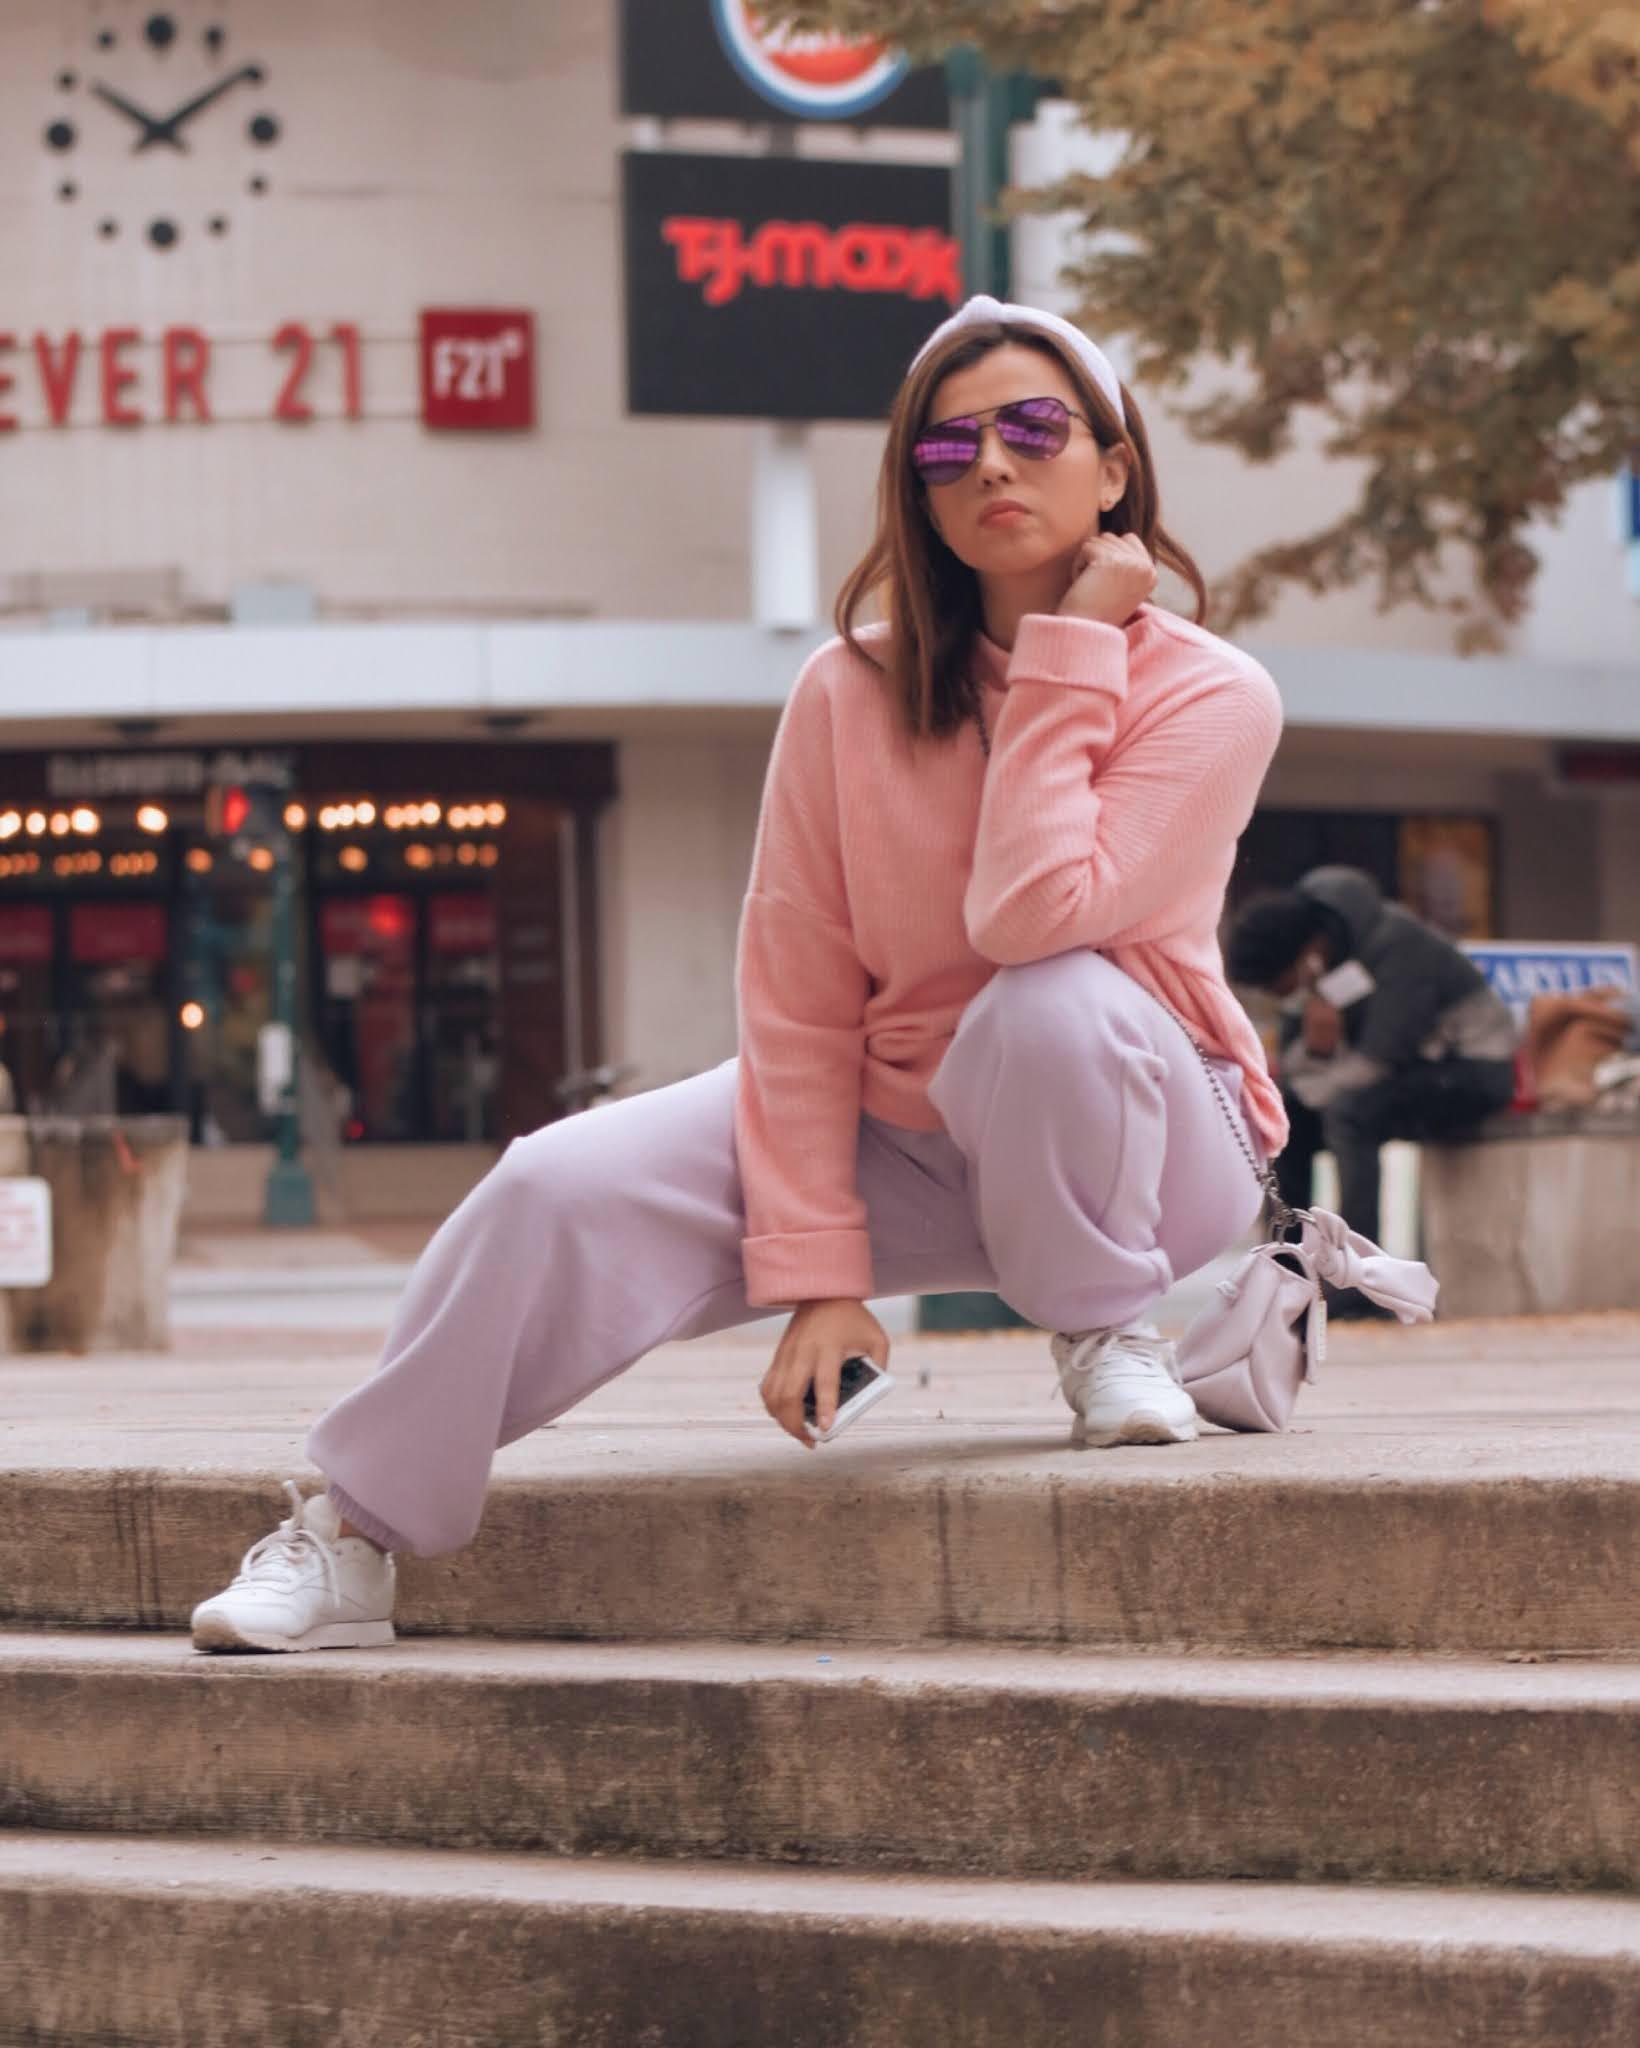 Combinando El Color Lila Con El Color Rosa-mariestilo-luxegal-femme luxe-